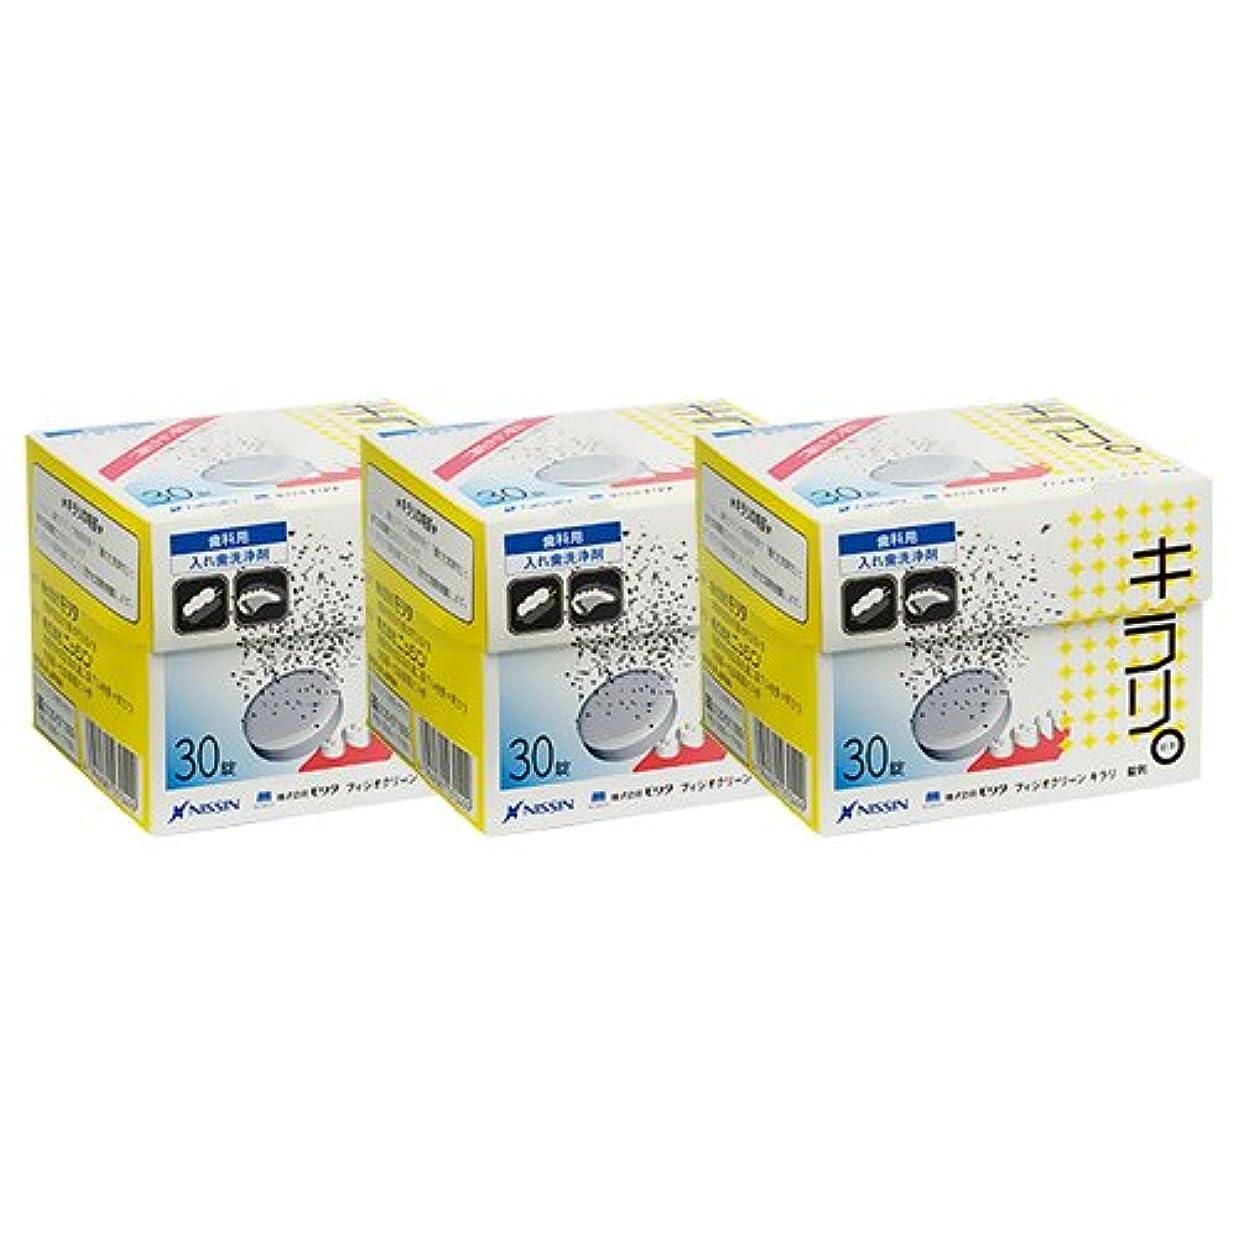 ニッシン フィジオクリーン キラリ錠剤 30錠入×3箱